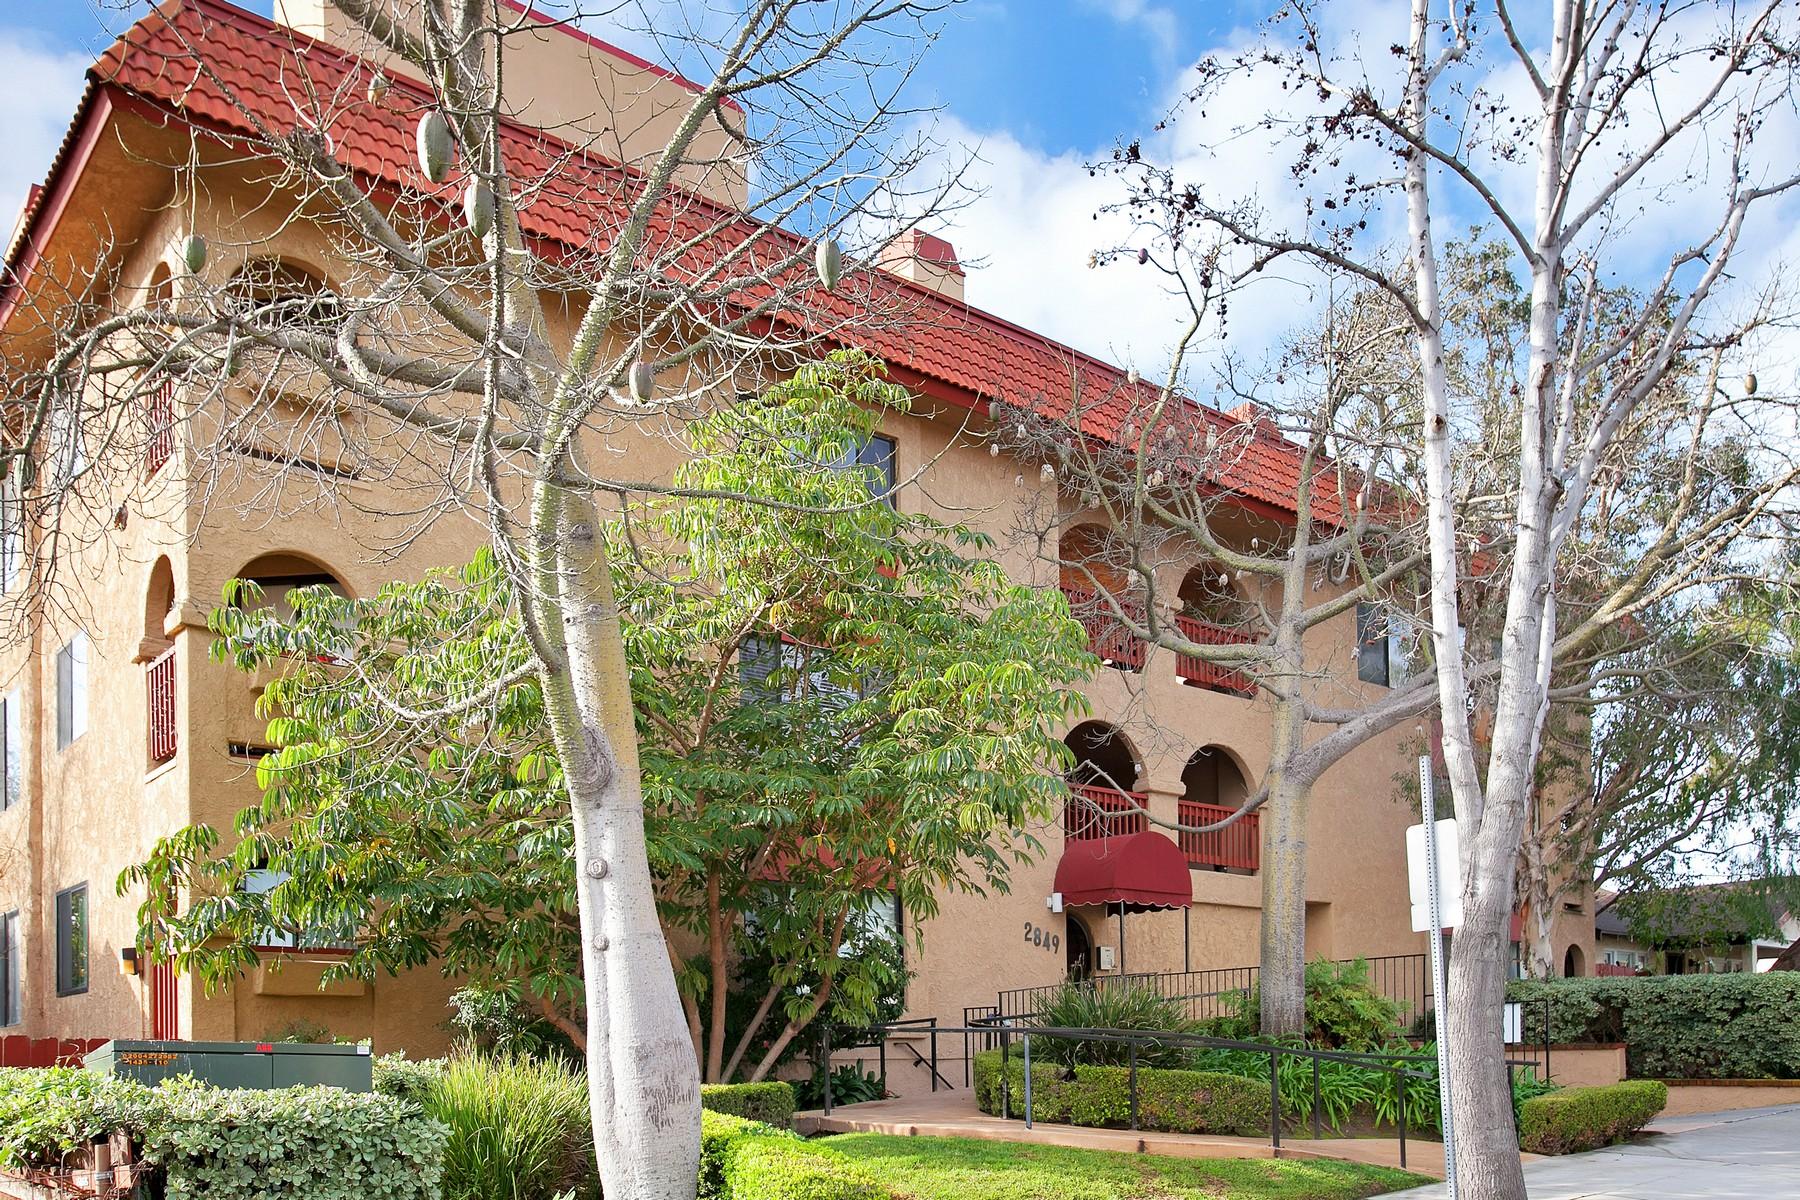 共管式独立产权公寓 为 销售 在 2849 E. Street, Unit 7 2849 E. Street 7 圣地亚哥, 加利福尼亚州, 92102 美国